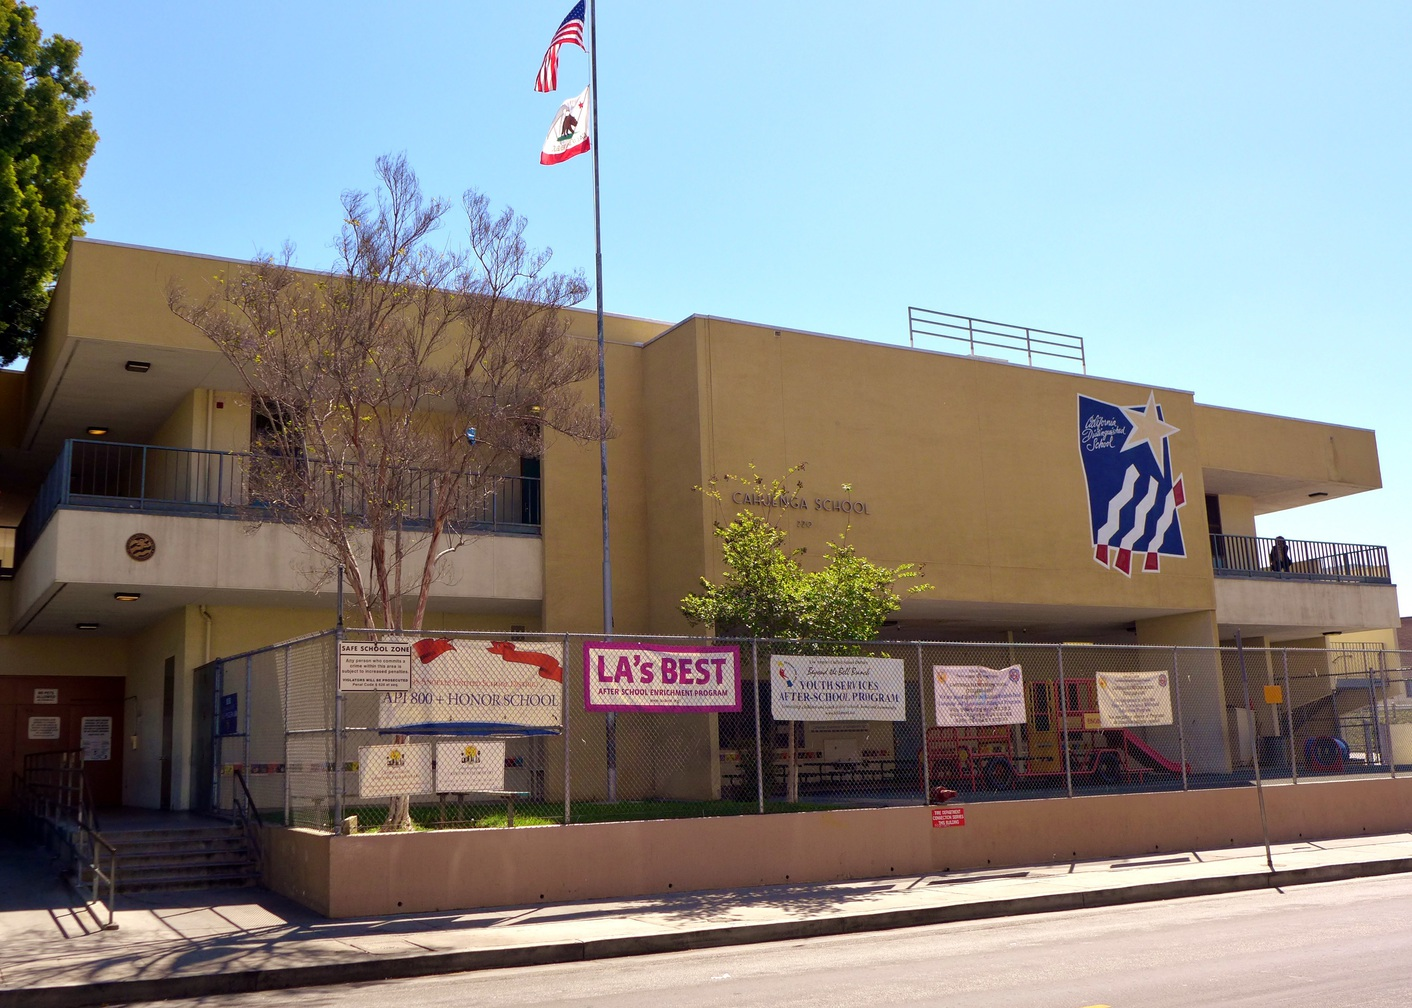 Cahuenga Elementary School